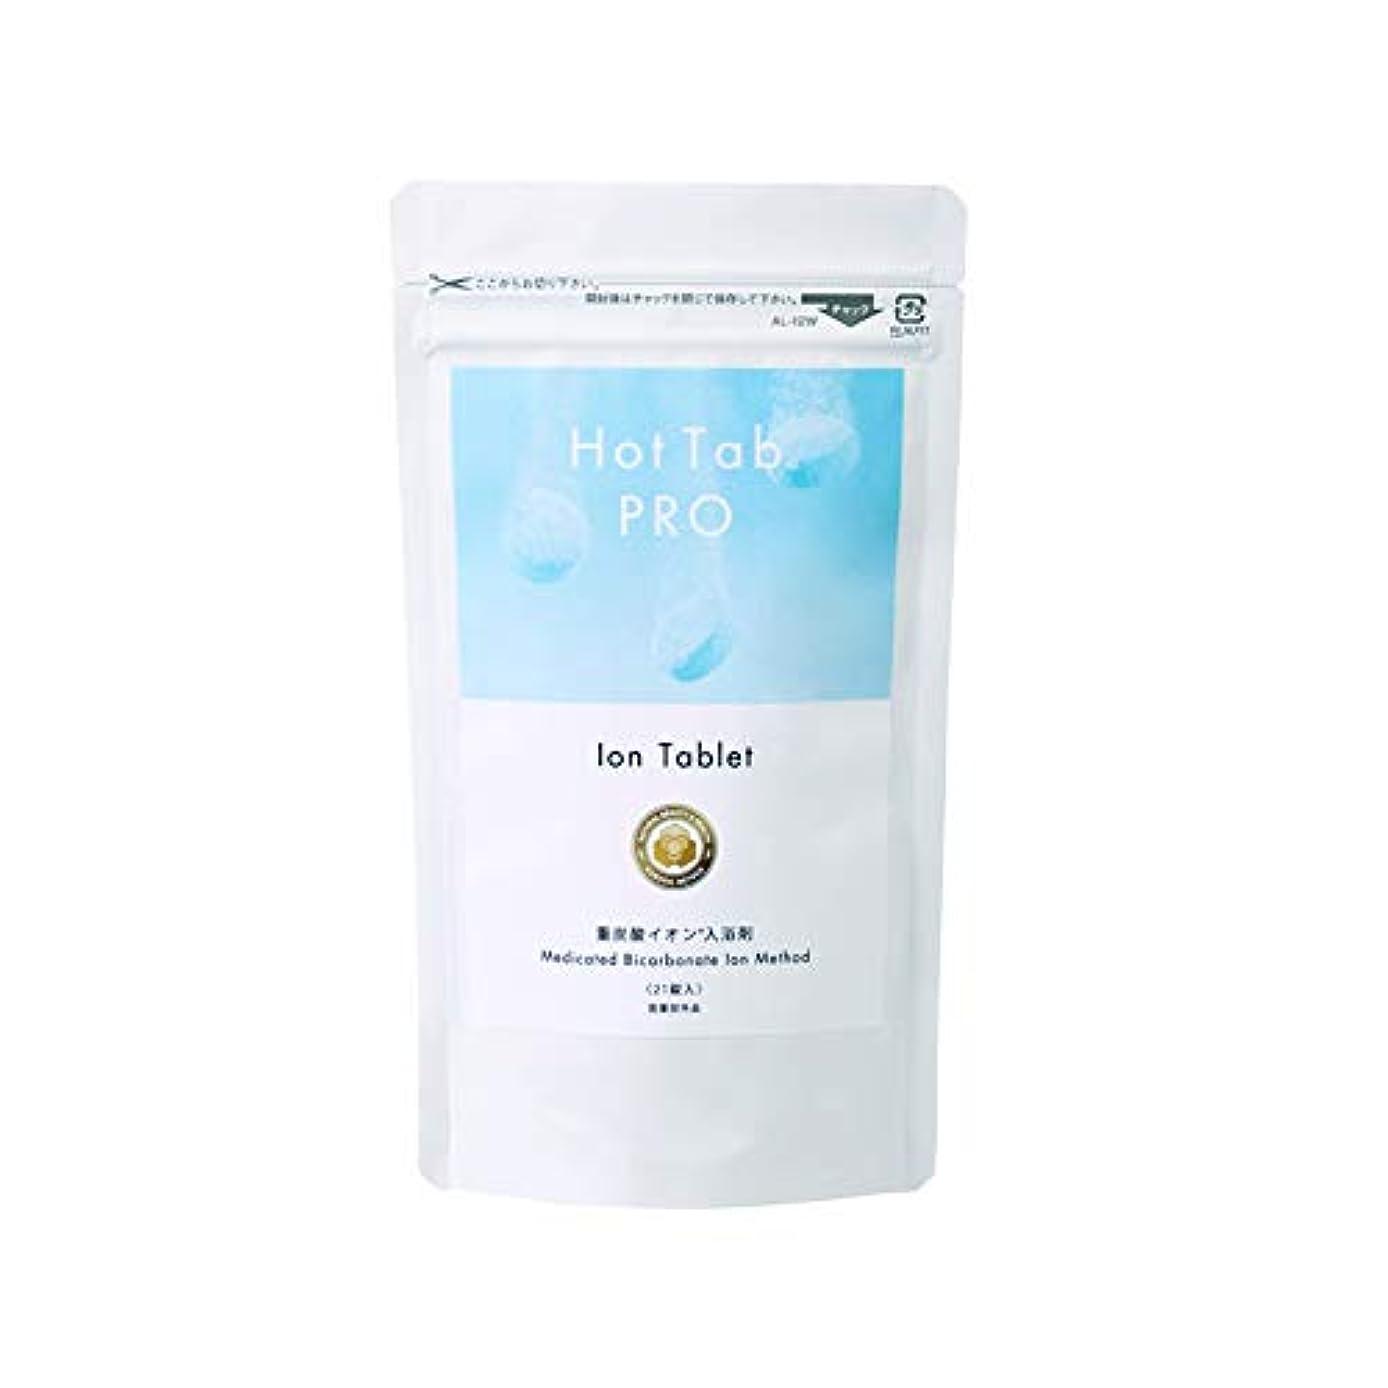 参照するガレージ池最新型 日本製なめらか重炭酸入浴剤「ホットタブPro」(デリケートな肌でも安心 無香料 無着色 中性pH) (21錠セット)